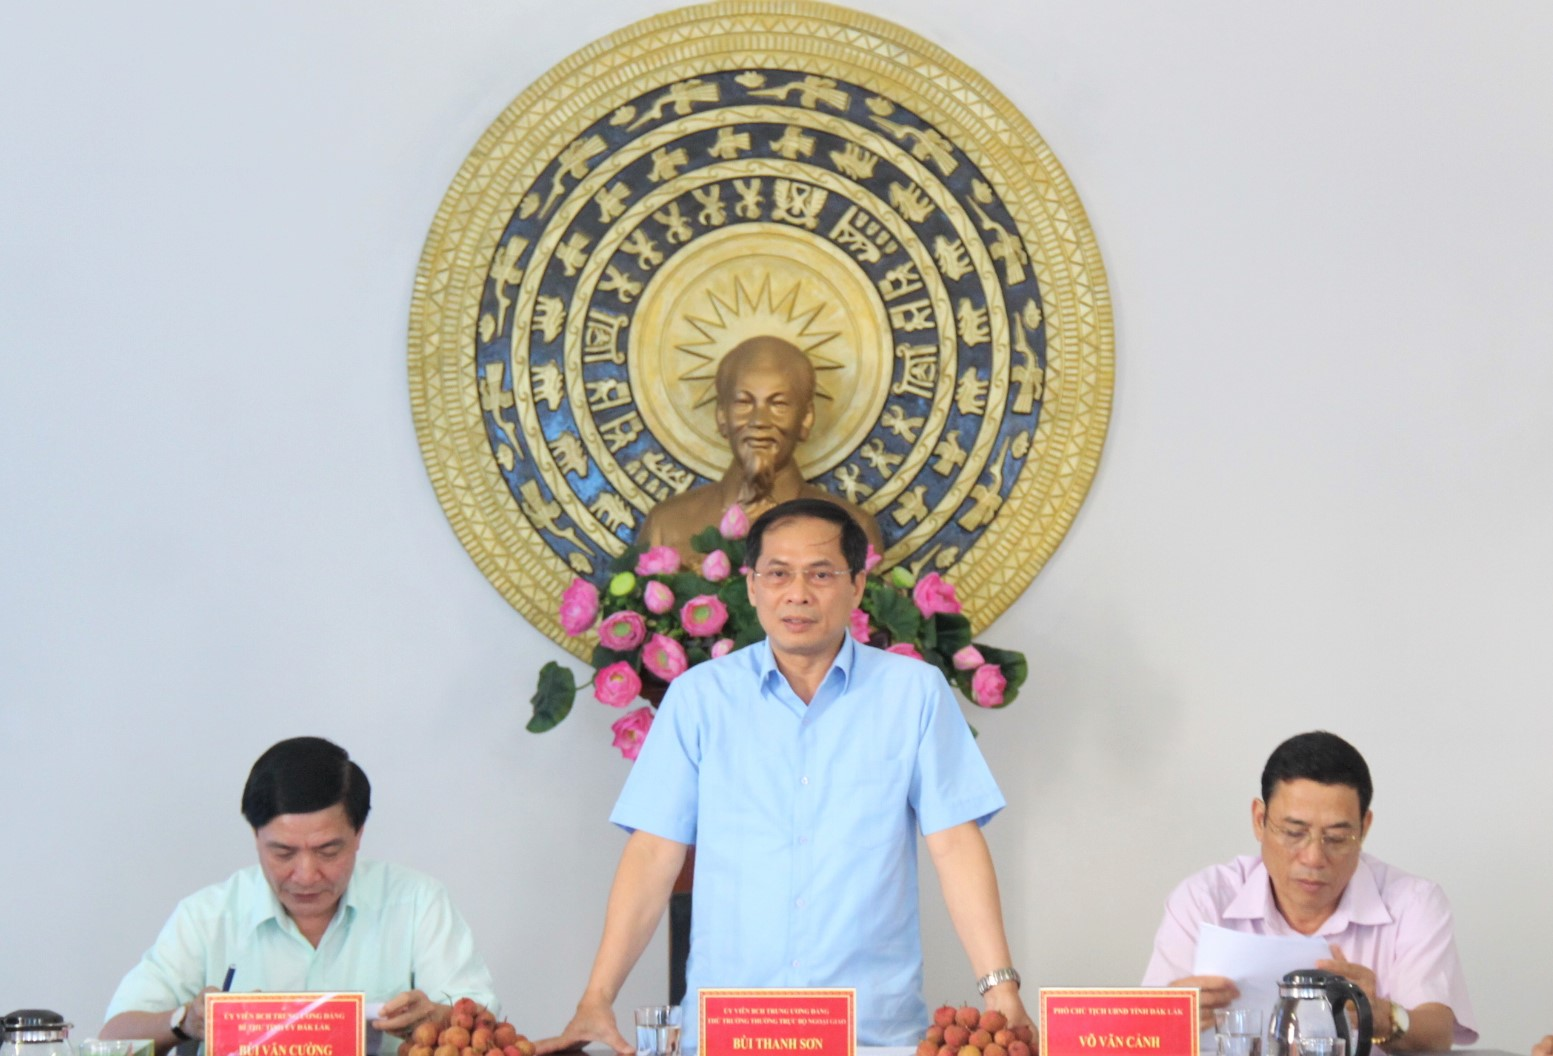 Thứ trưởng Thường trực Bộ Ngoại giao Bùi Thanh Sơn thăm và làm việc tại tỉnh Đắk Lắk